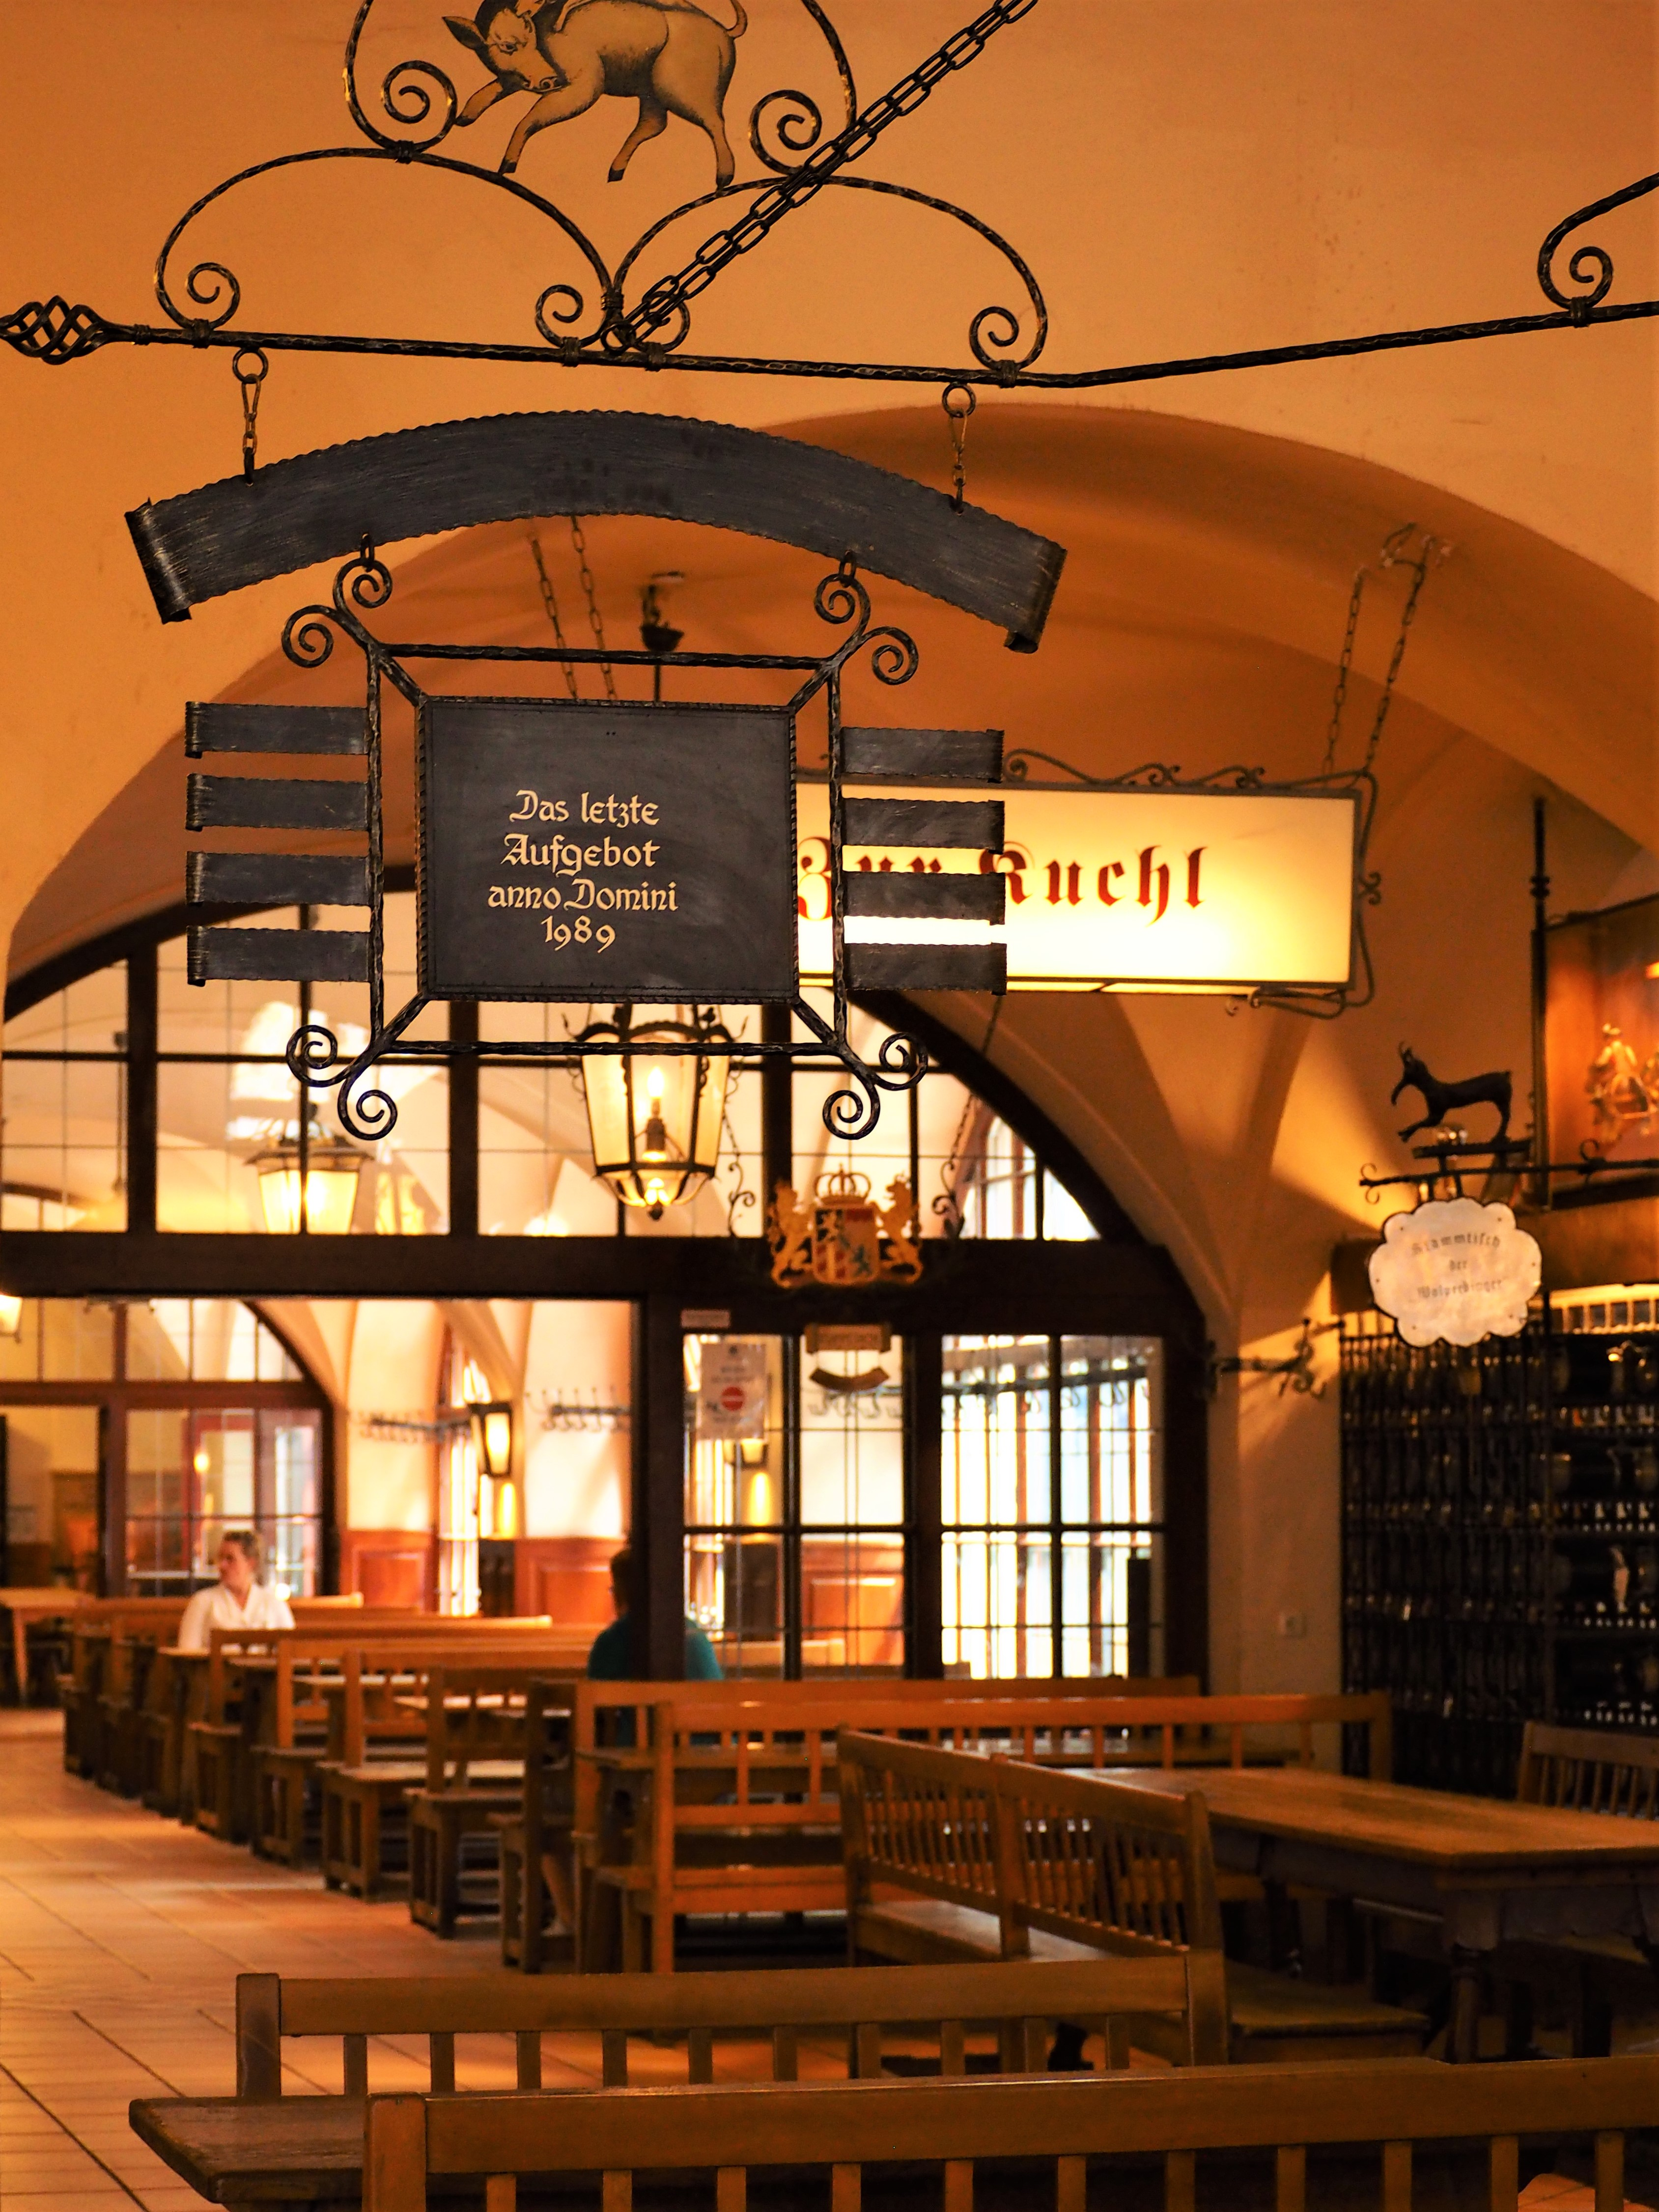 interieur-de-brasserie-Hofbrauhaus-biergarten-munich